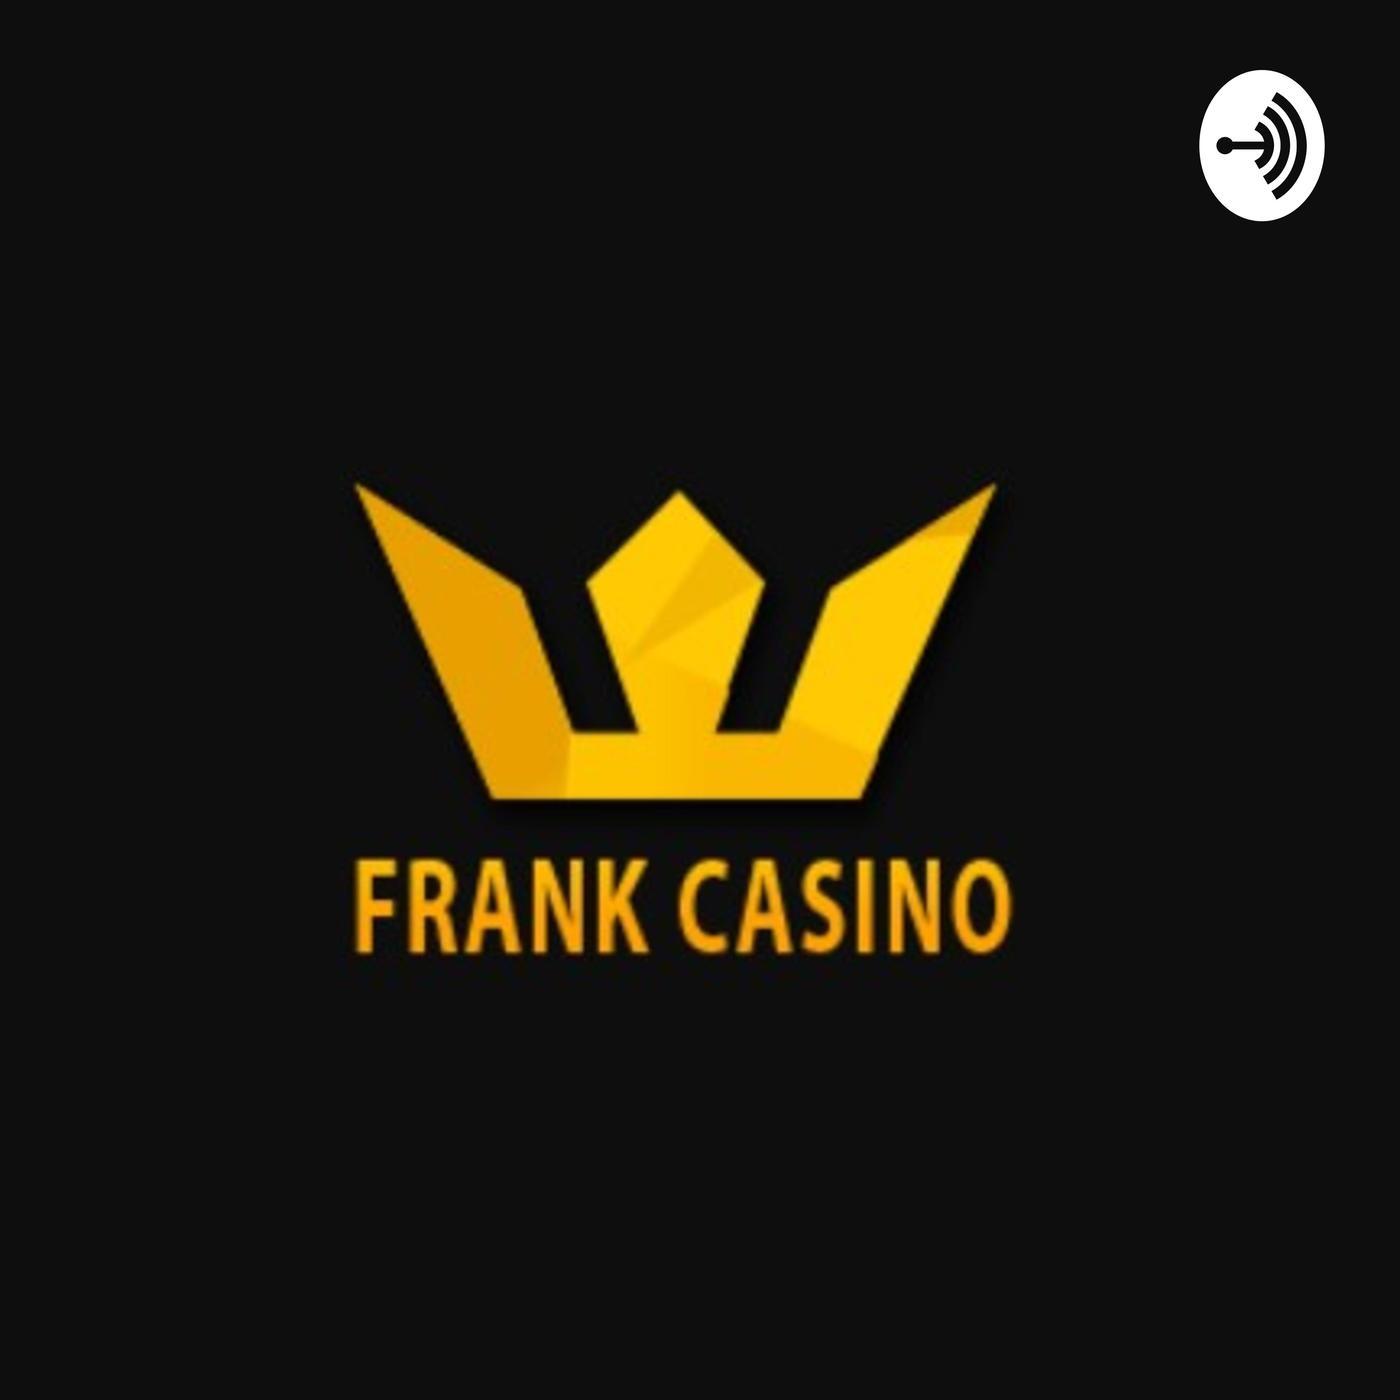 Играть в франк казино вулкан казино в ютубе